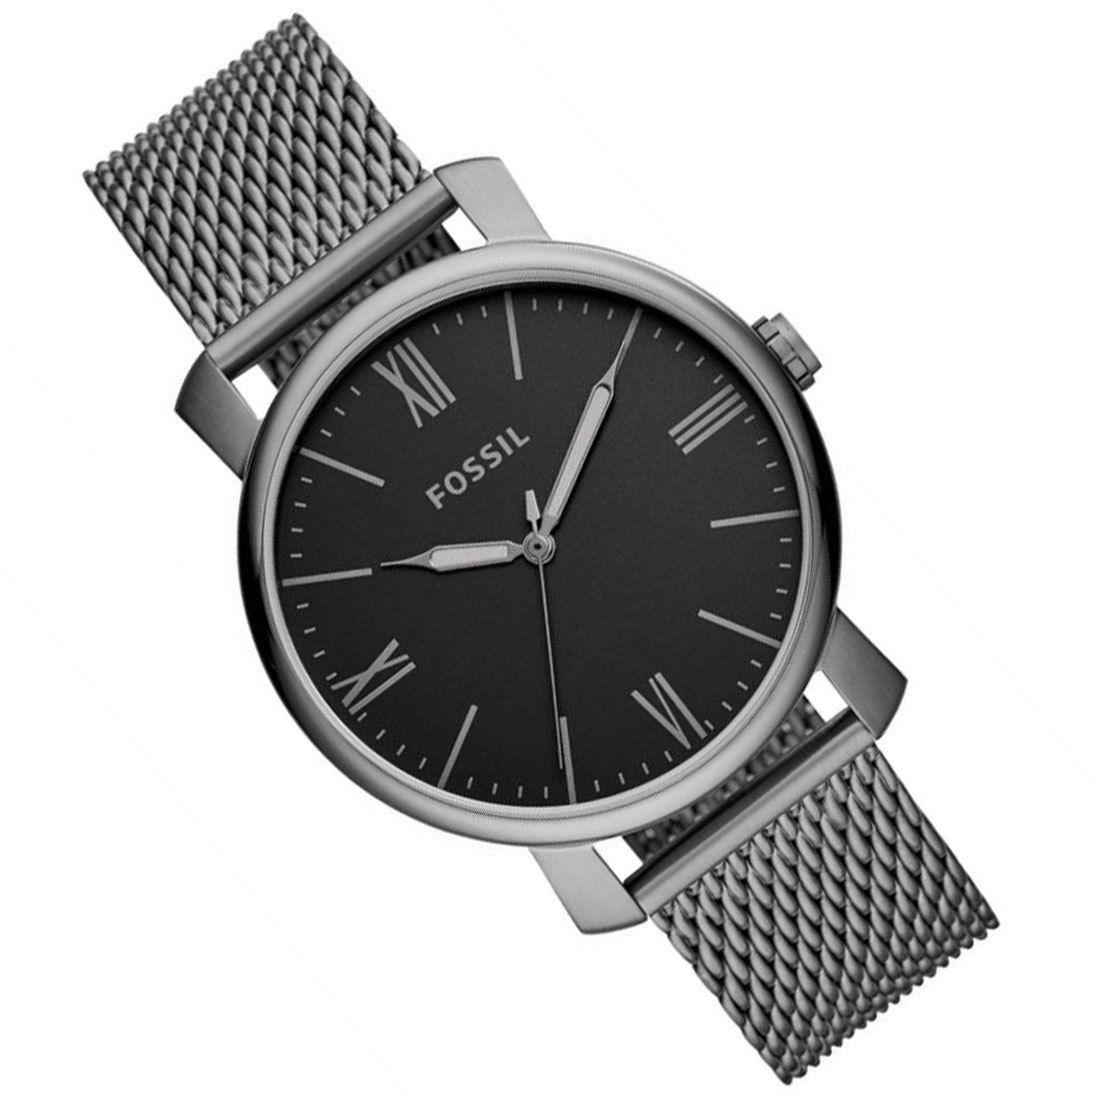 BQ2370 Fossil Rhett Smoke Stainless Steel Male Watch in